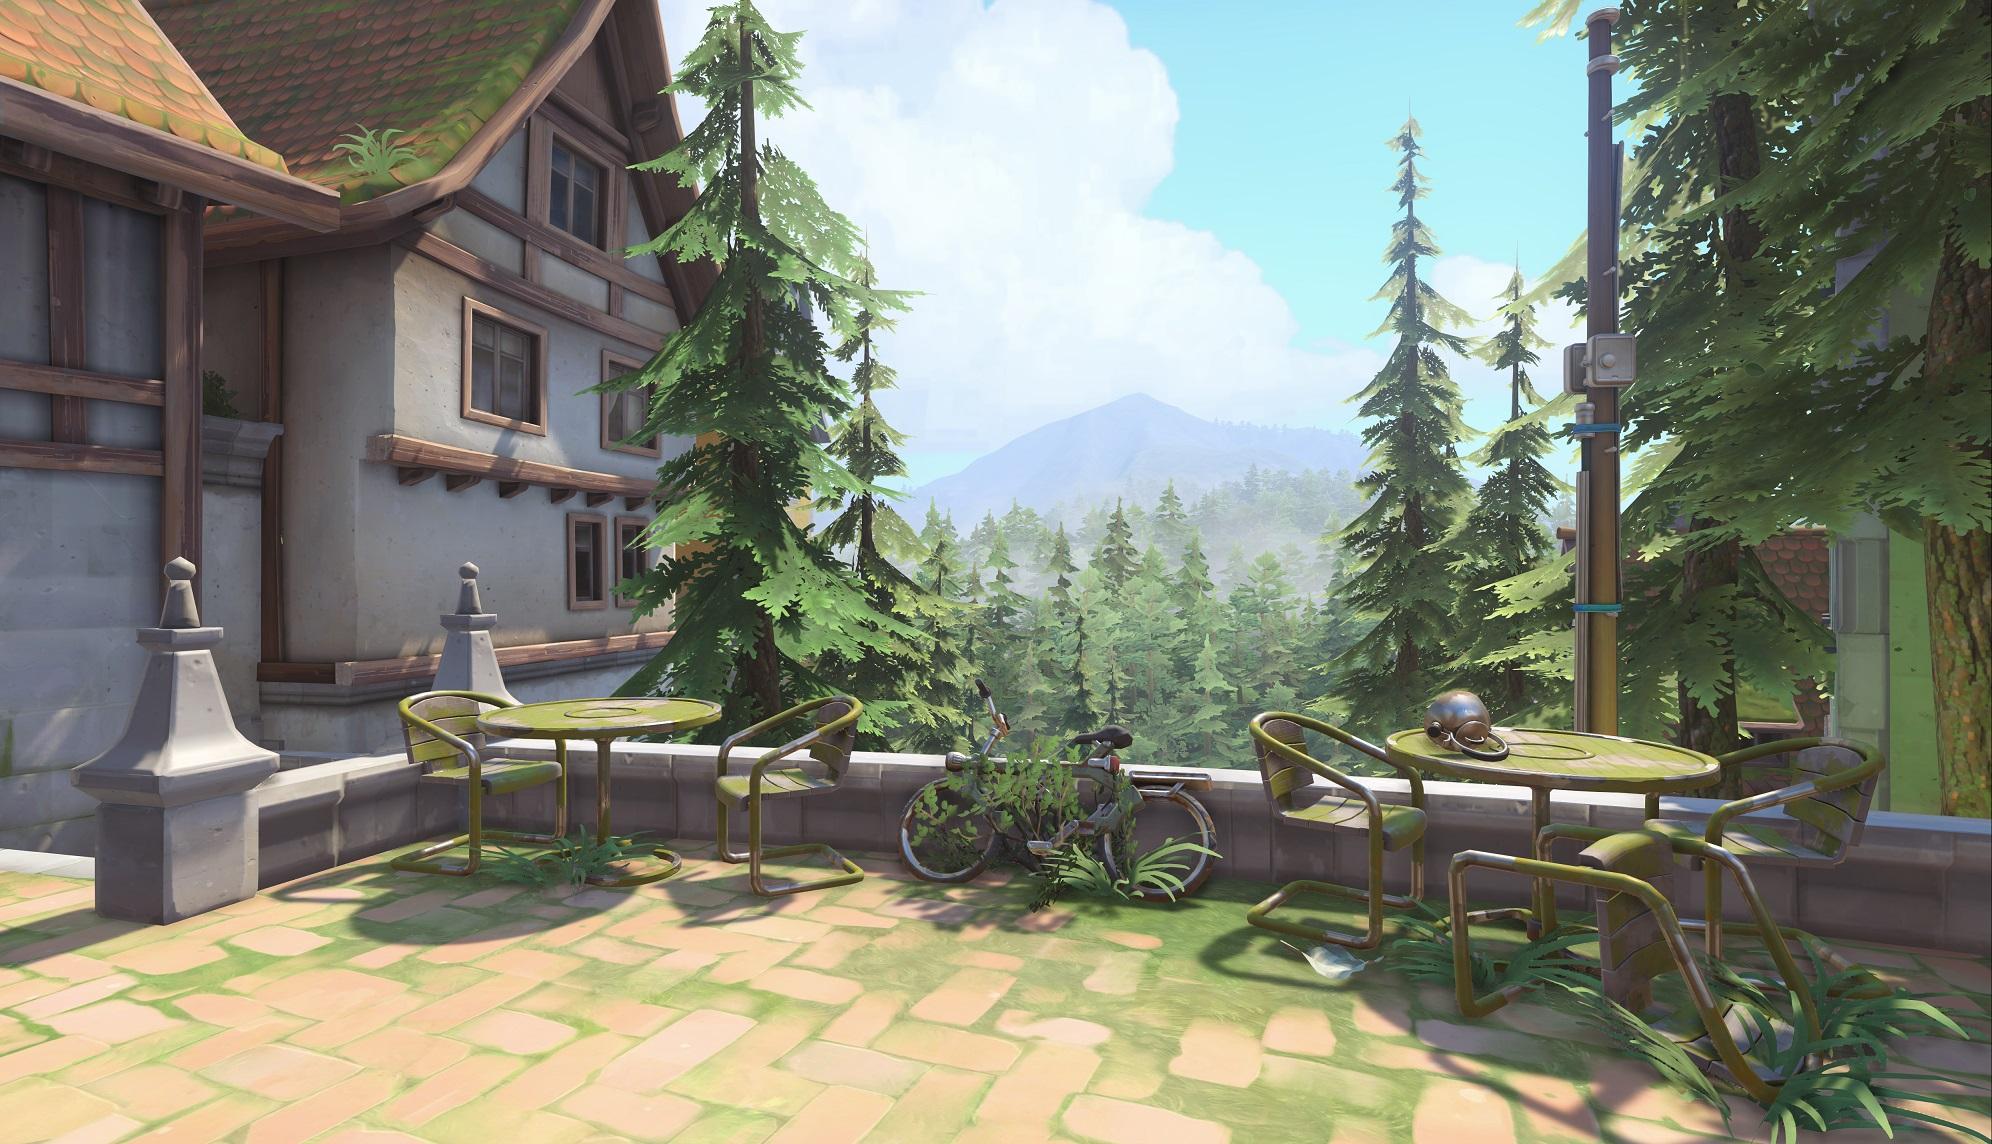 Nová mapa pro Overwatch nás zavede do hradu a přilehlého městečka v Německu 128685